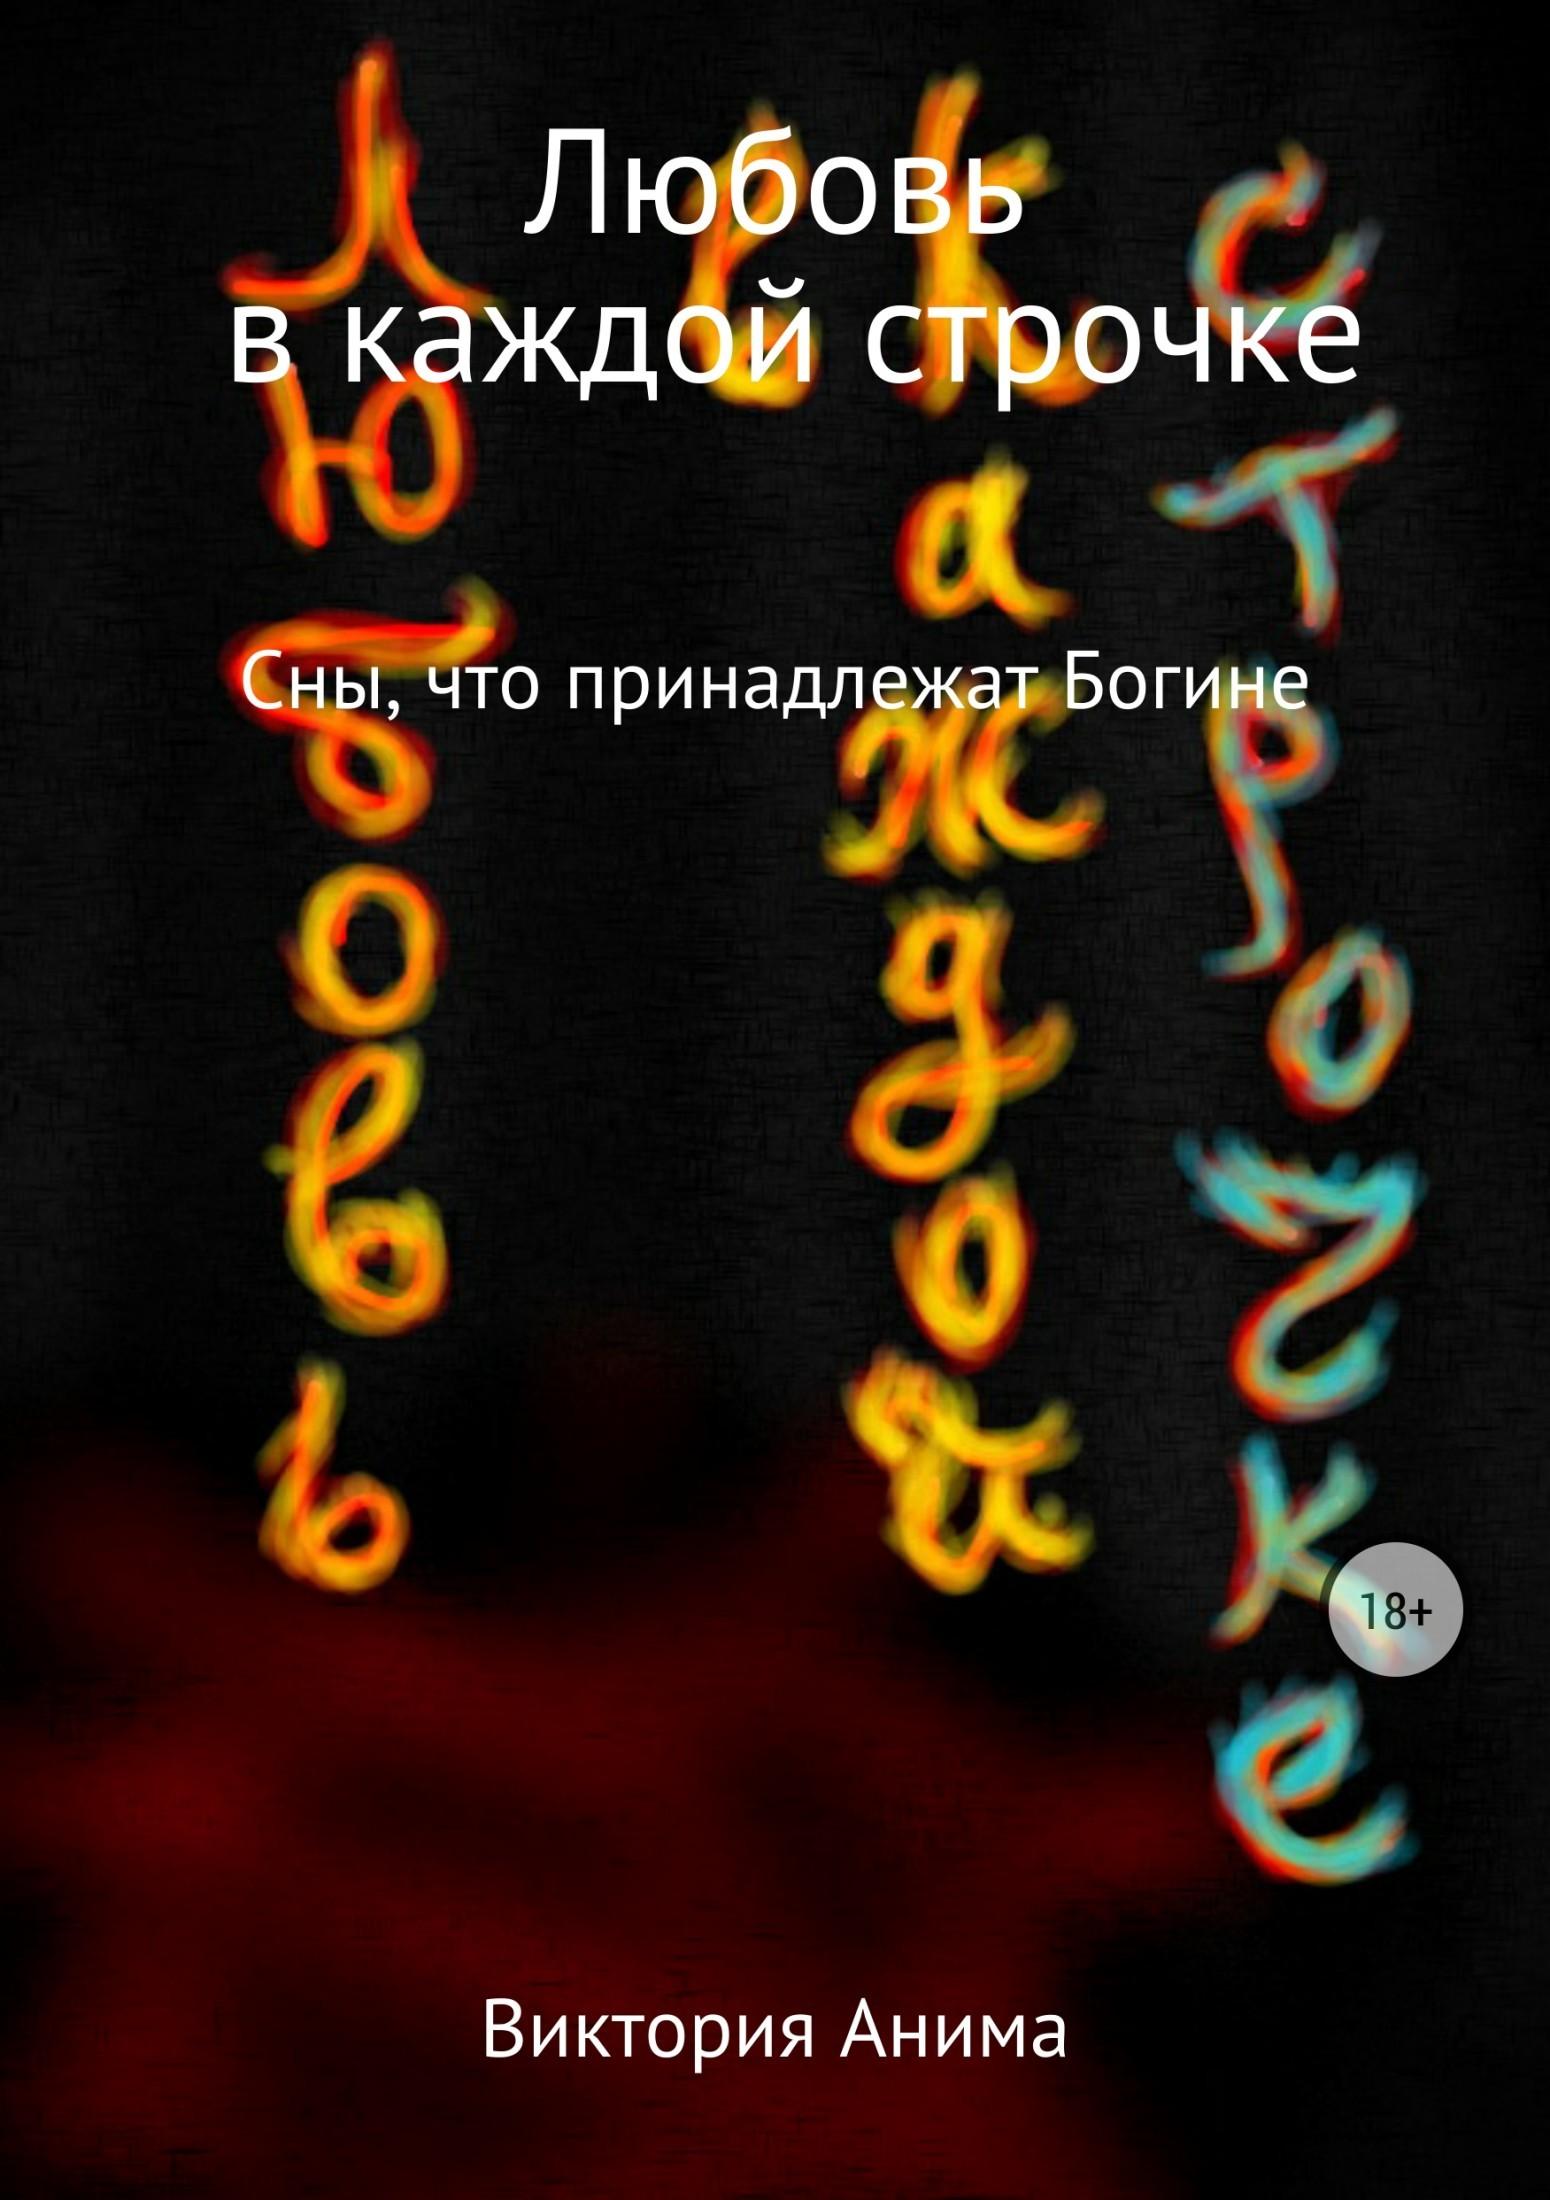 Виктория Анима Любовь в каждой строчке. Сборник рассказов дарья килл сердце в каждой строчке